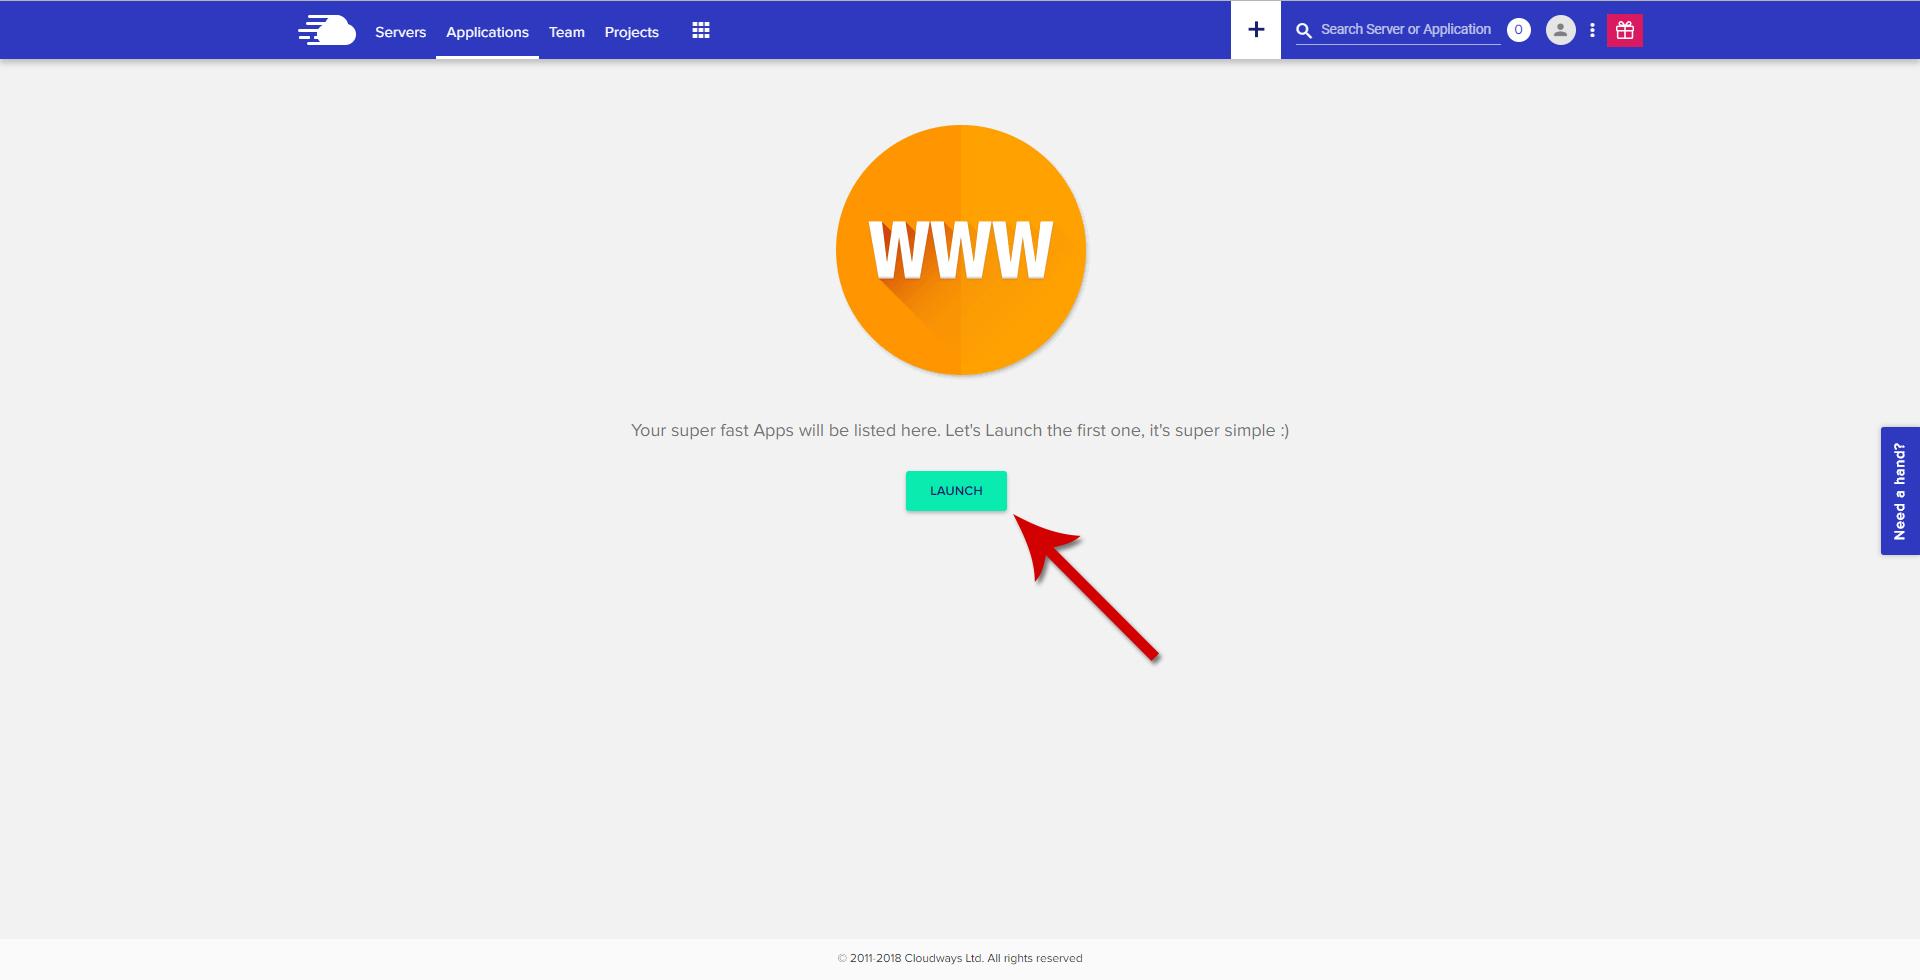 Cloudways - Launch Application